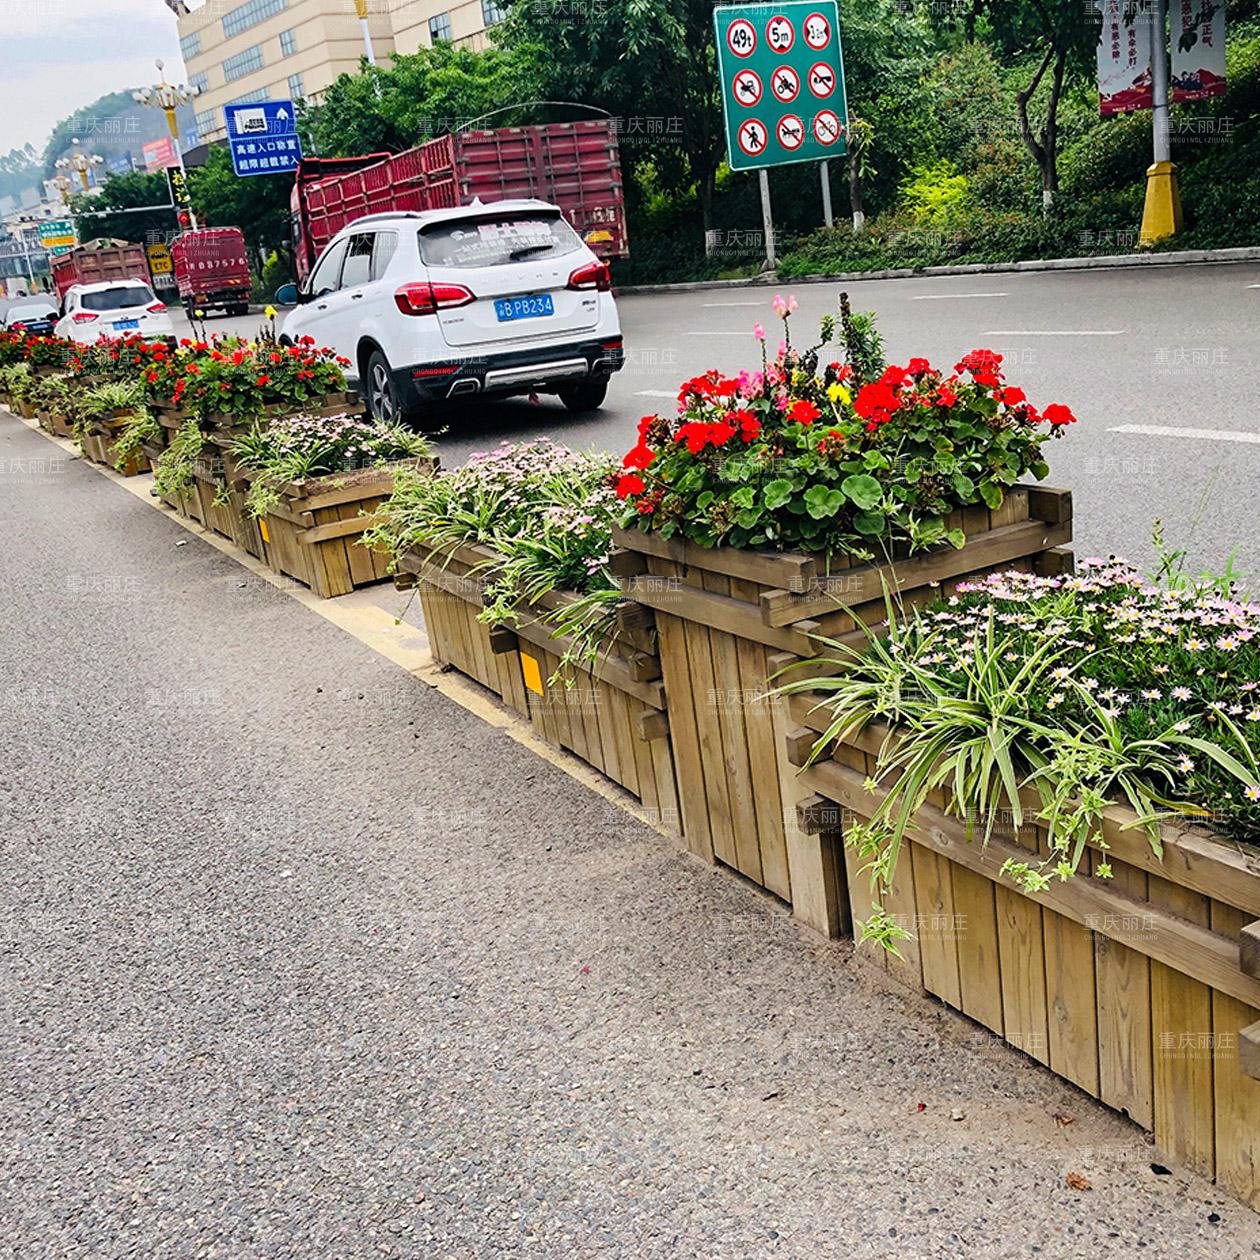 江津·双福北高速路出口